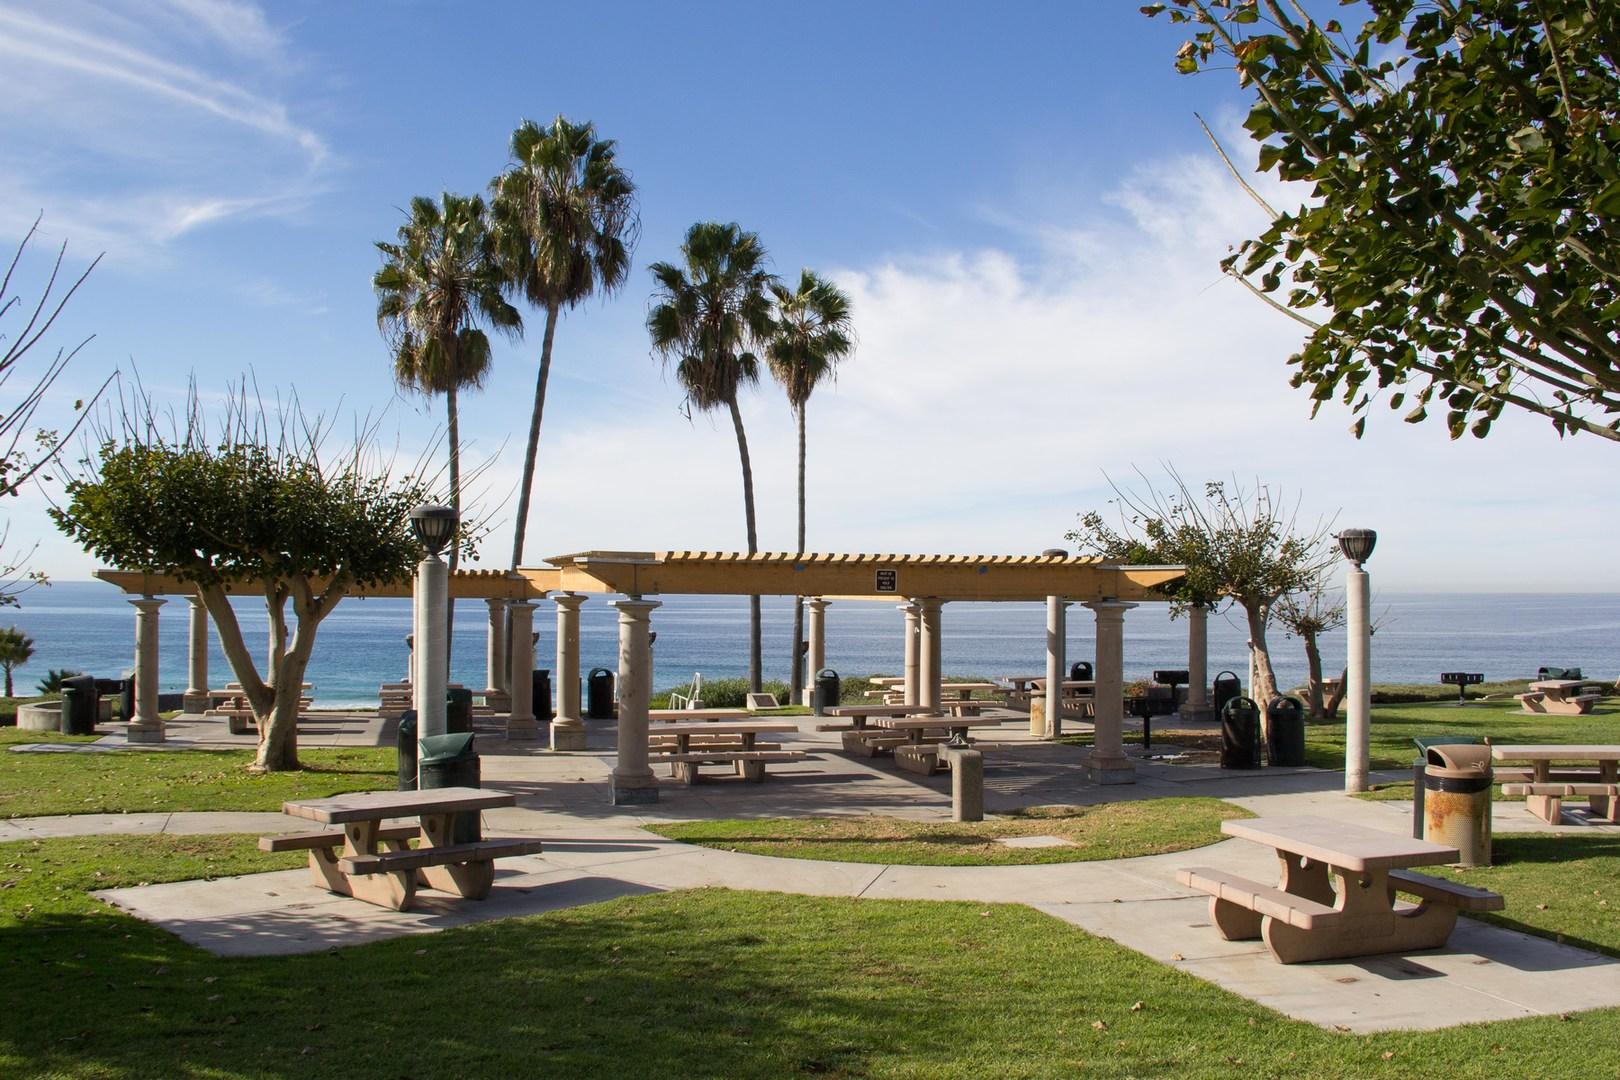 Salt Creek Beach Park beaches in California